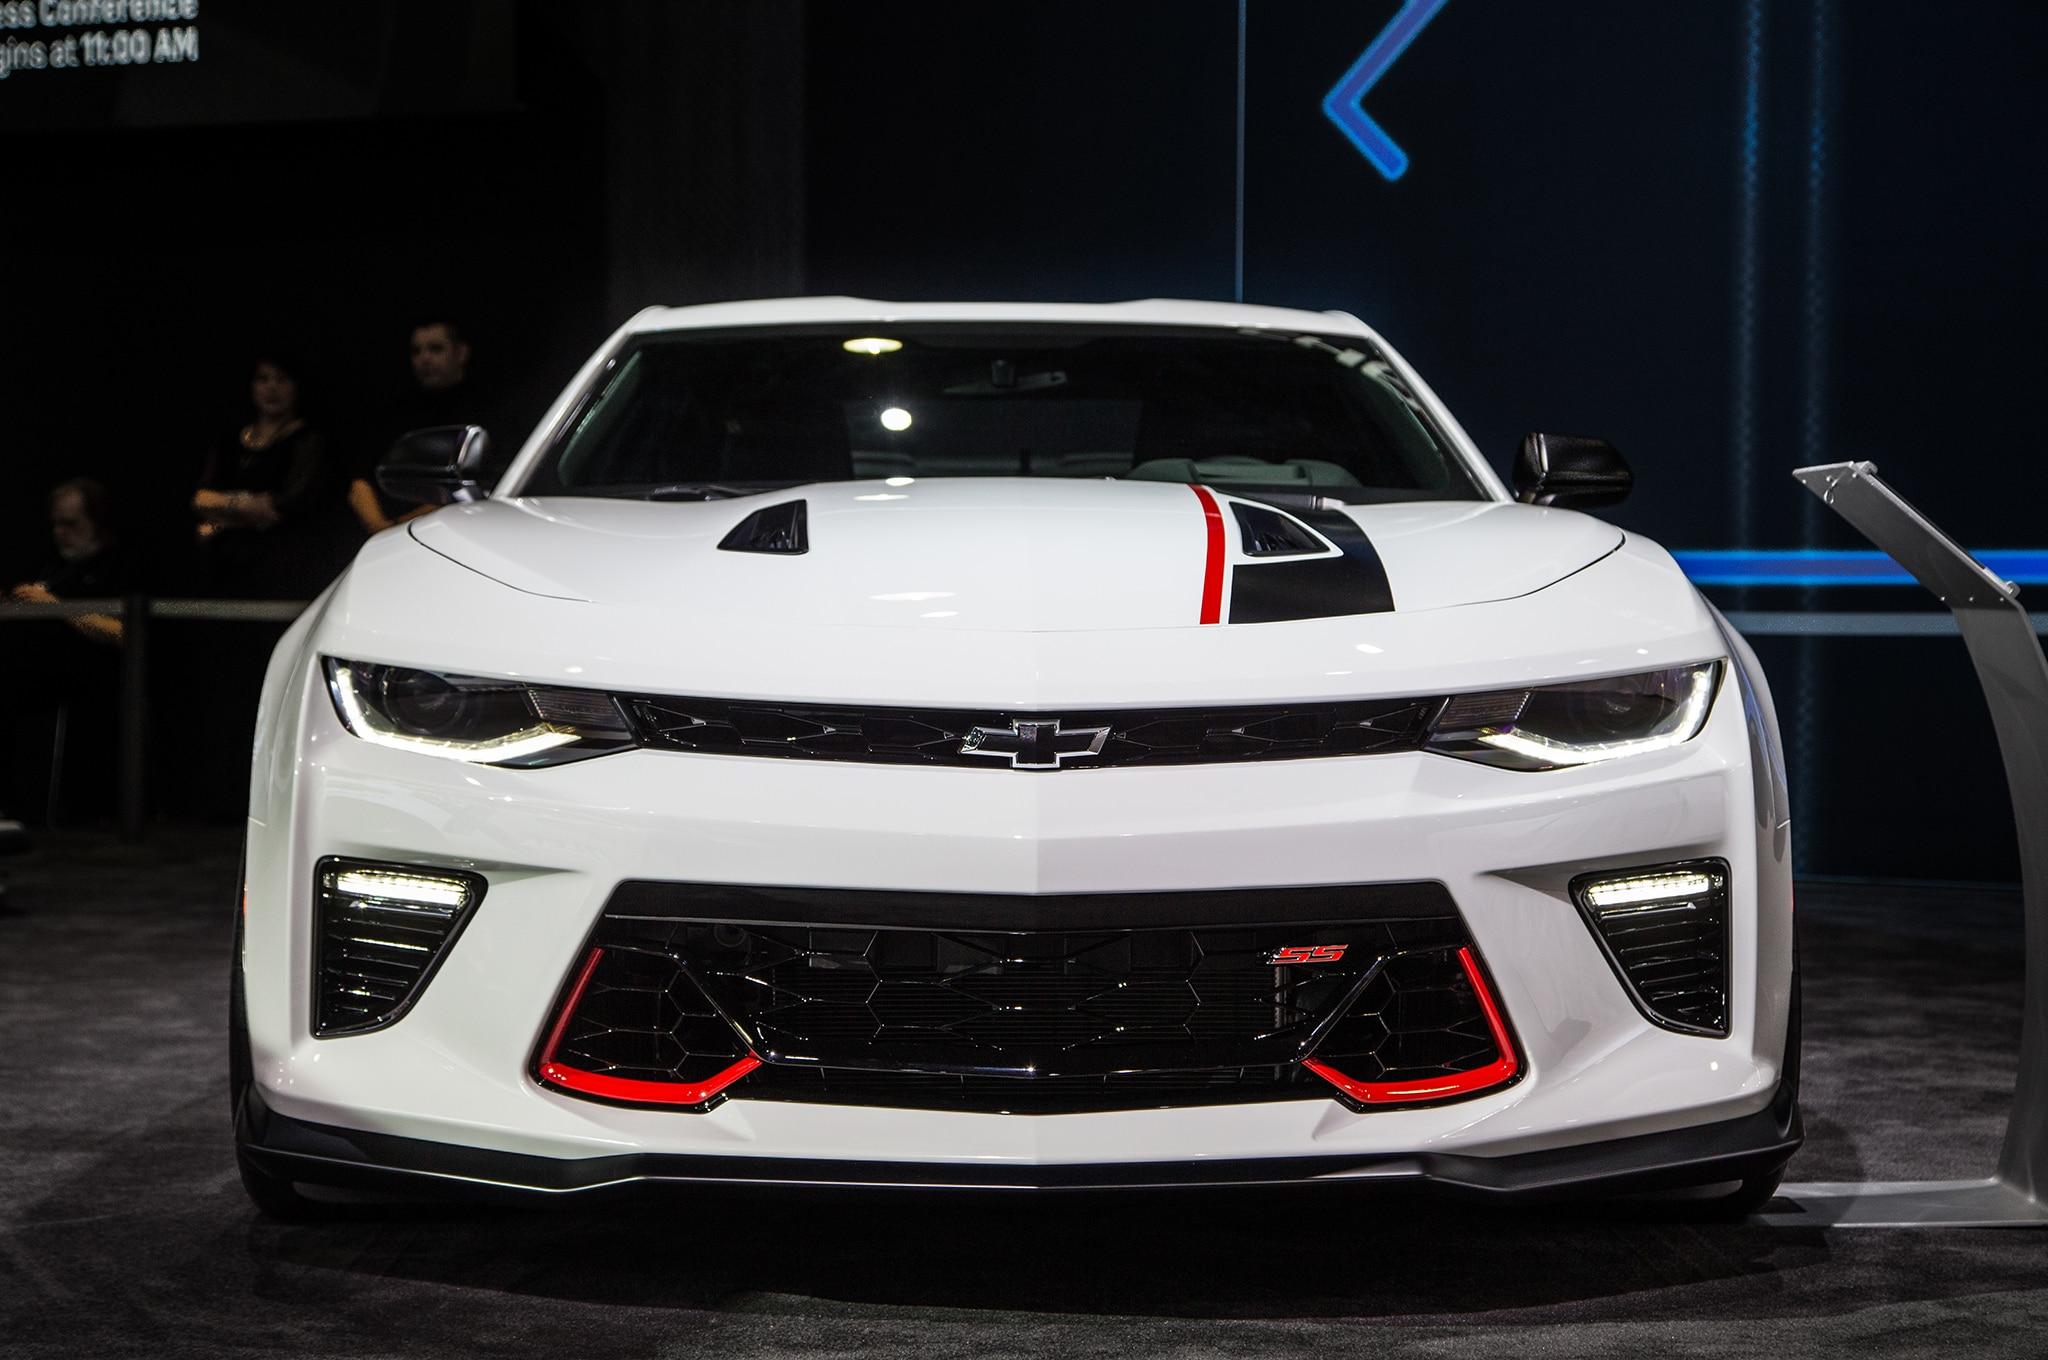 show more - Chevrolet Performance Camaro V 6 And V 8 Concepts